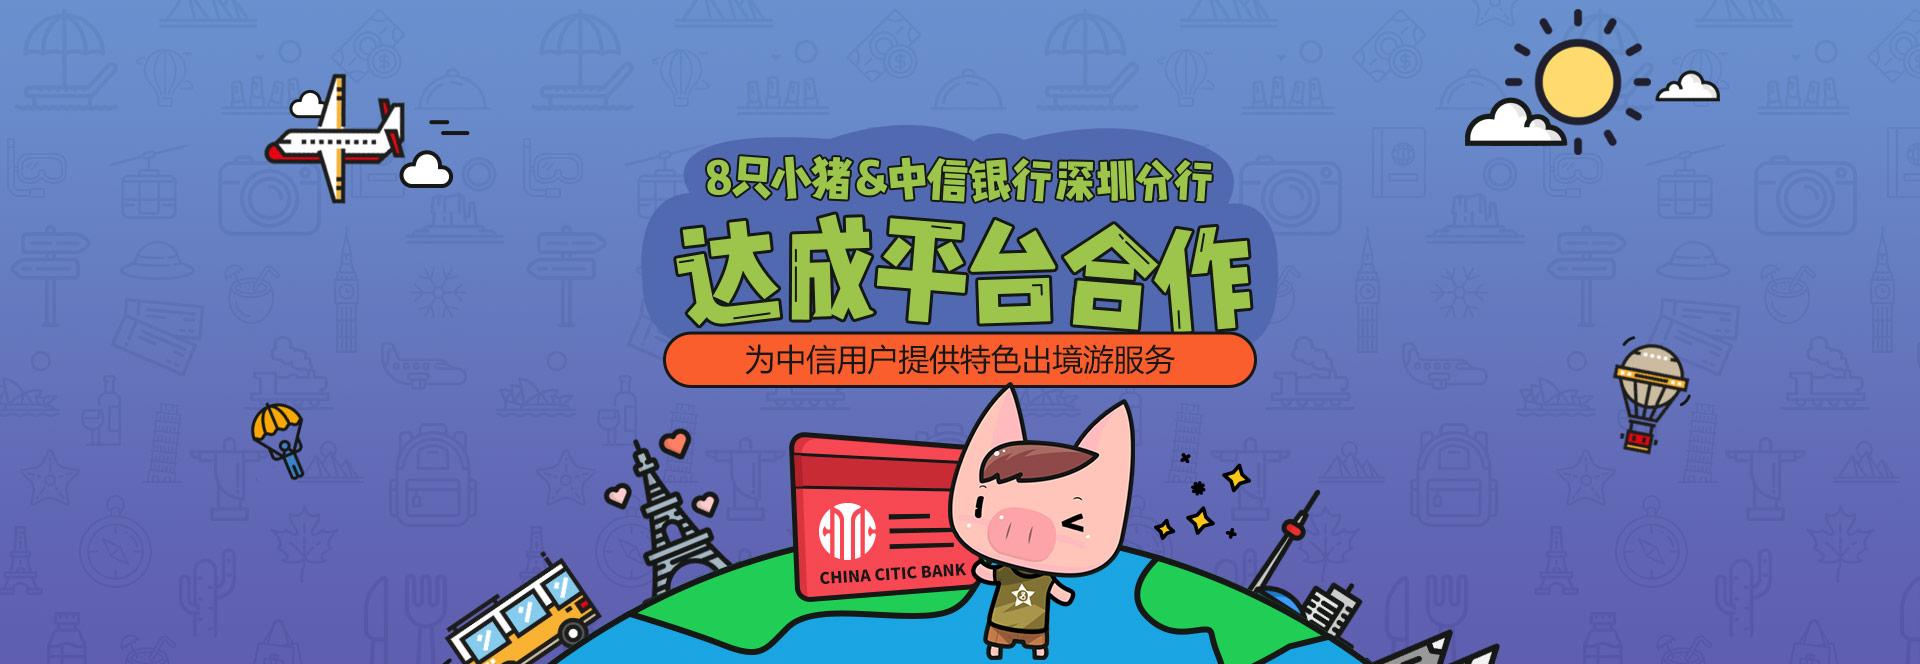 8只小猪与中信达成平台合作